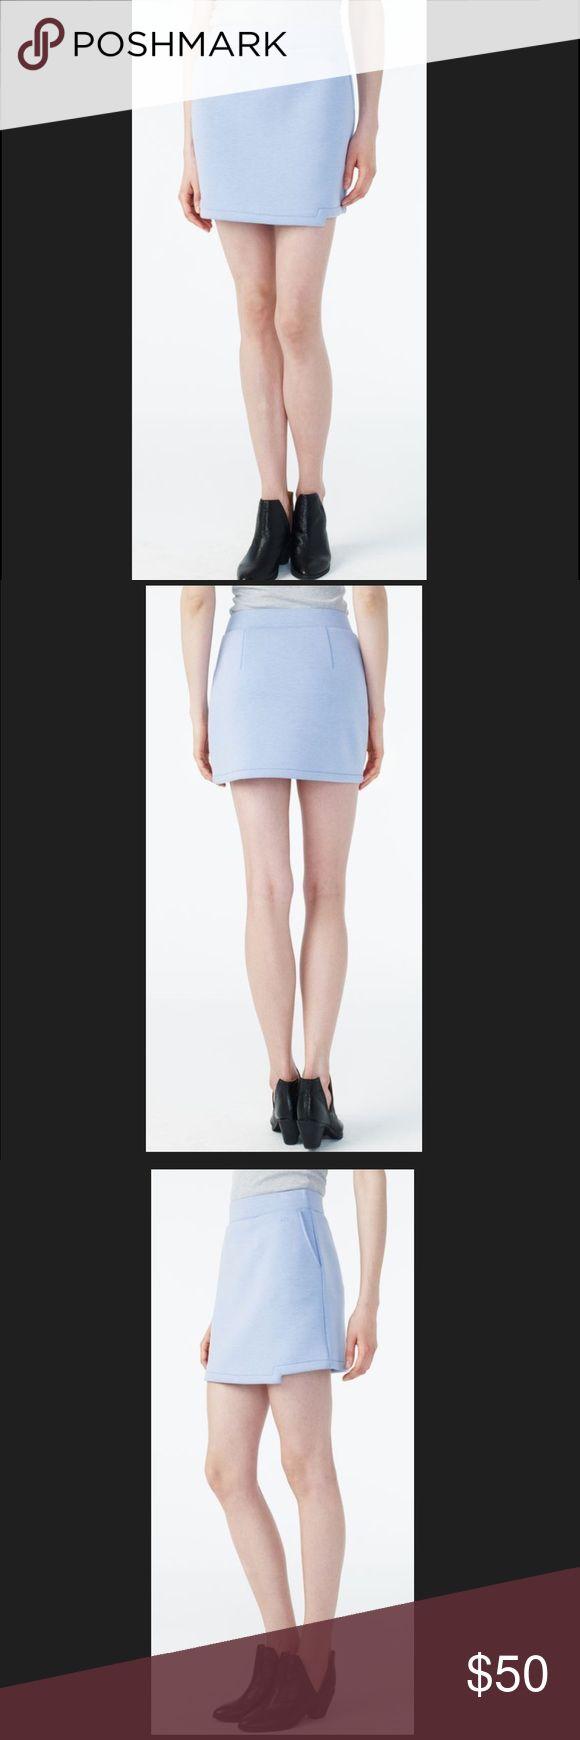 """ARMANI EXCHANGE KNIT GEO - HEM MINI SKIRT. ARMANI EXCHANGE KNIT GEO - HEM MINI SKIRT.          Size : XS Approx Length 15"""".                                                Size : S Approx Length 15 1/2 """" A/X Armani Exchange Skirts Mini"""